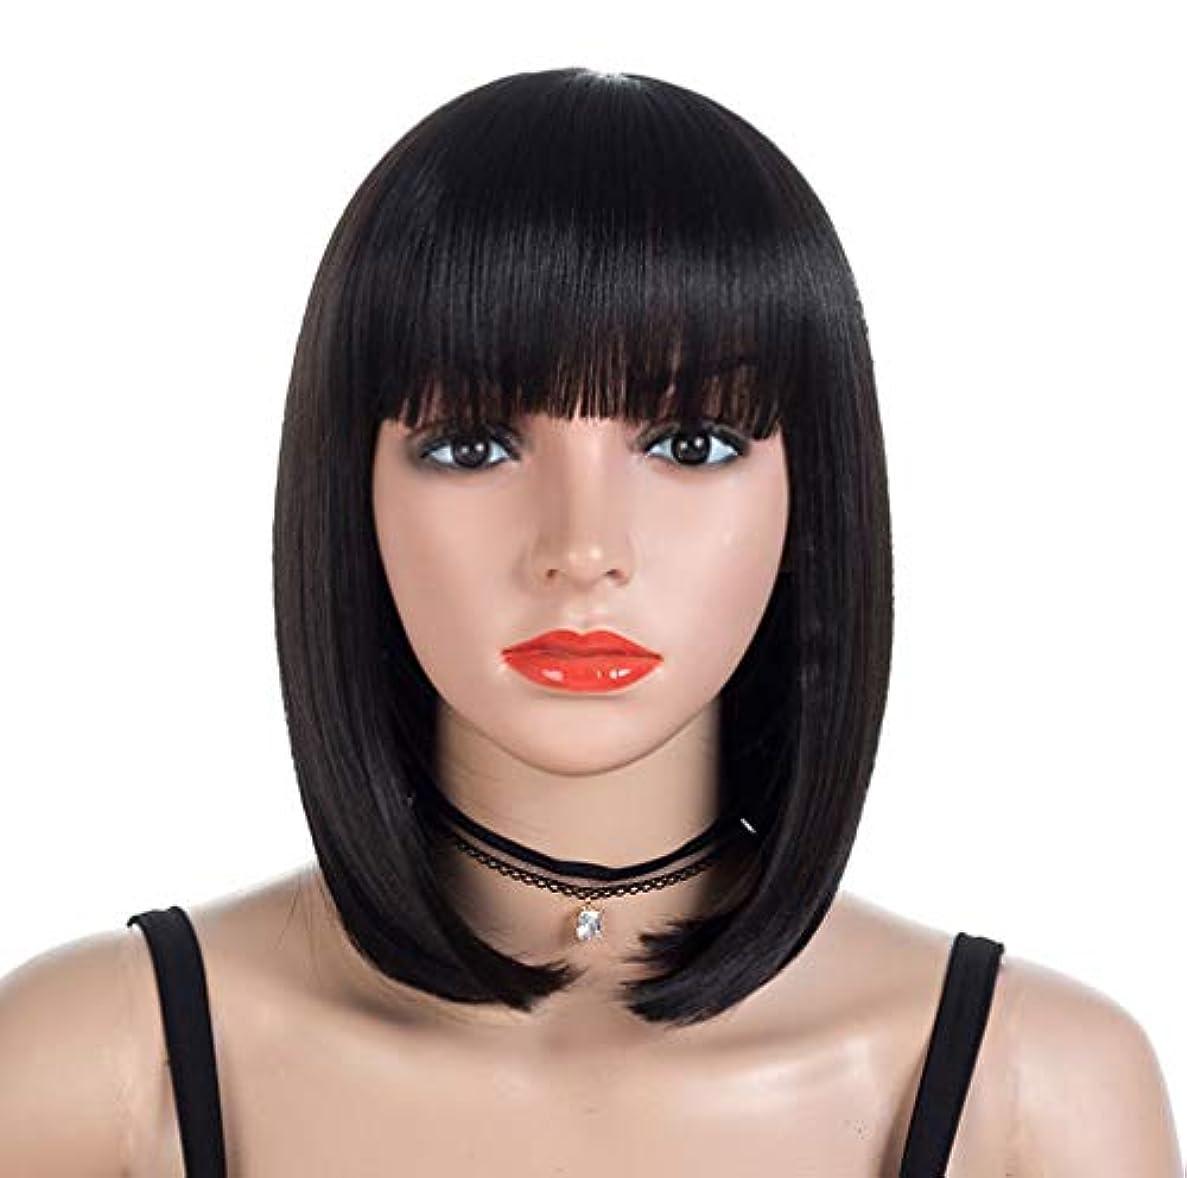 閉じる言い直す緑女性の180%密度かつら合成ボブショートウィッグ耐熱コスプレパーティーヘアウィッグブラック35cm